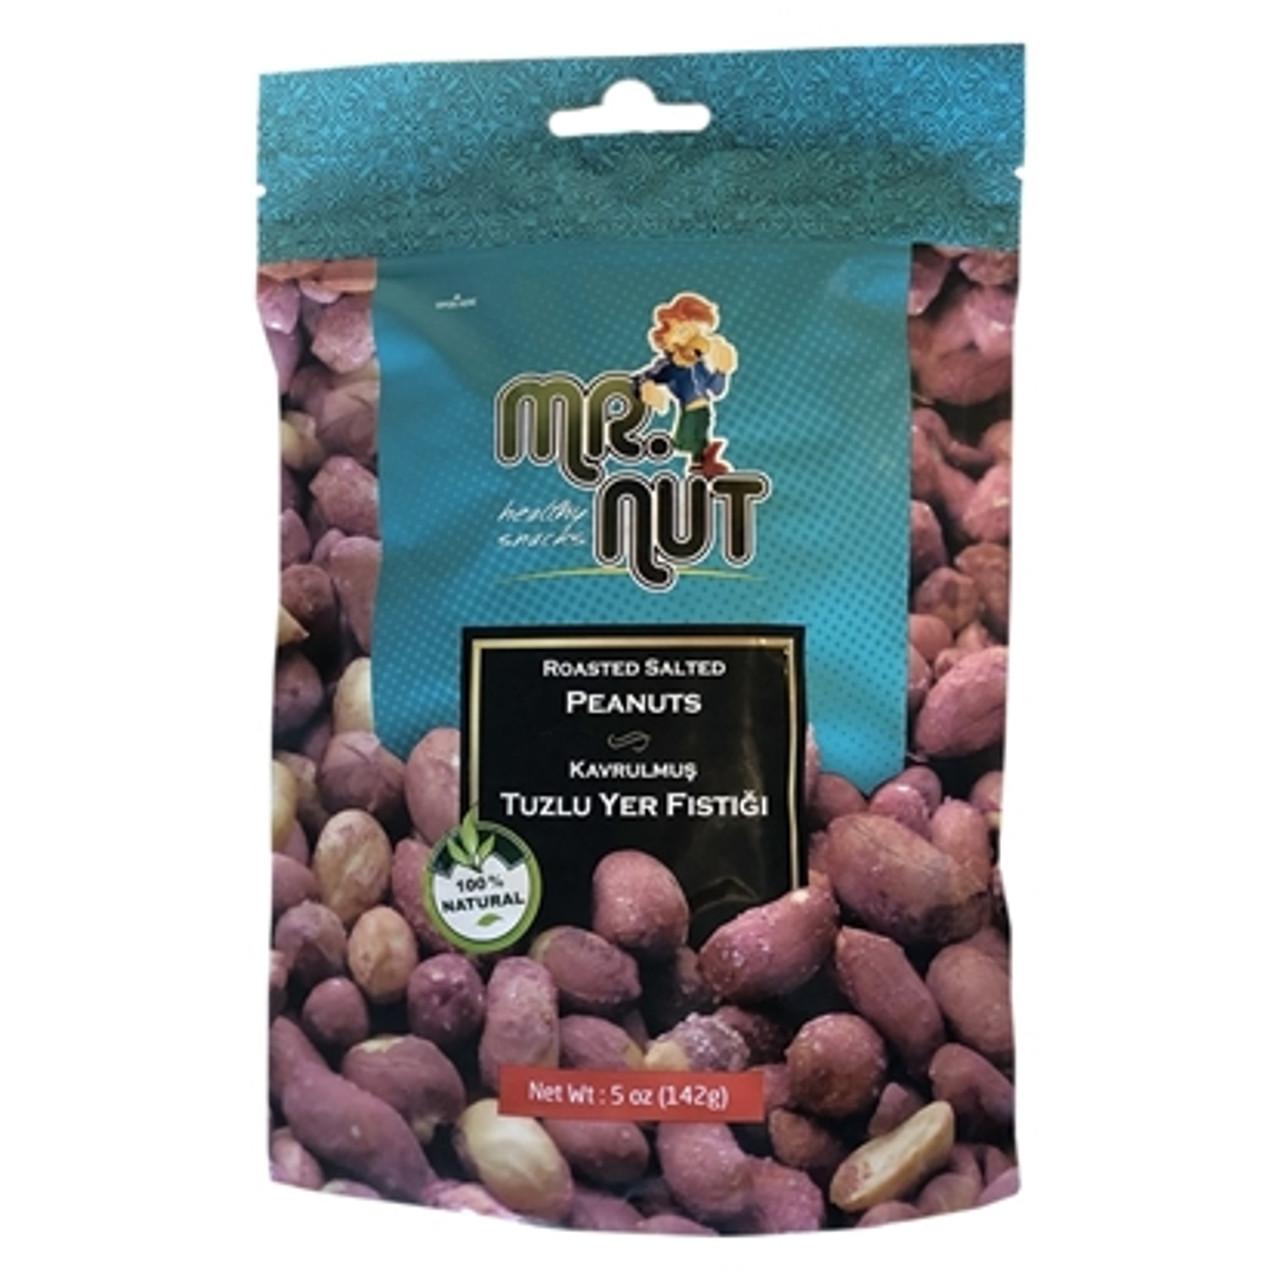 Mr. Nut  Roasted Salted Peanuts  142g.